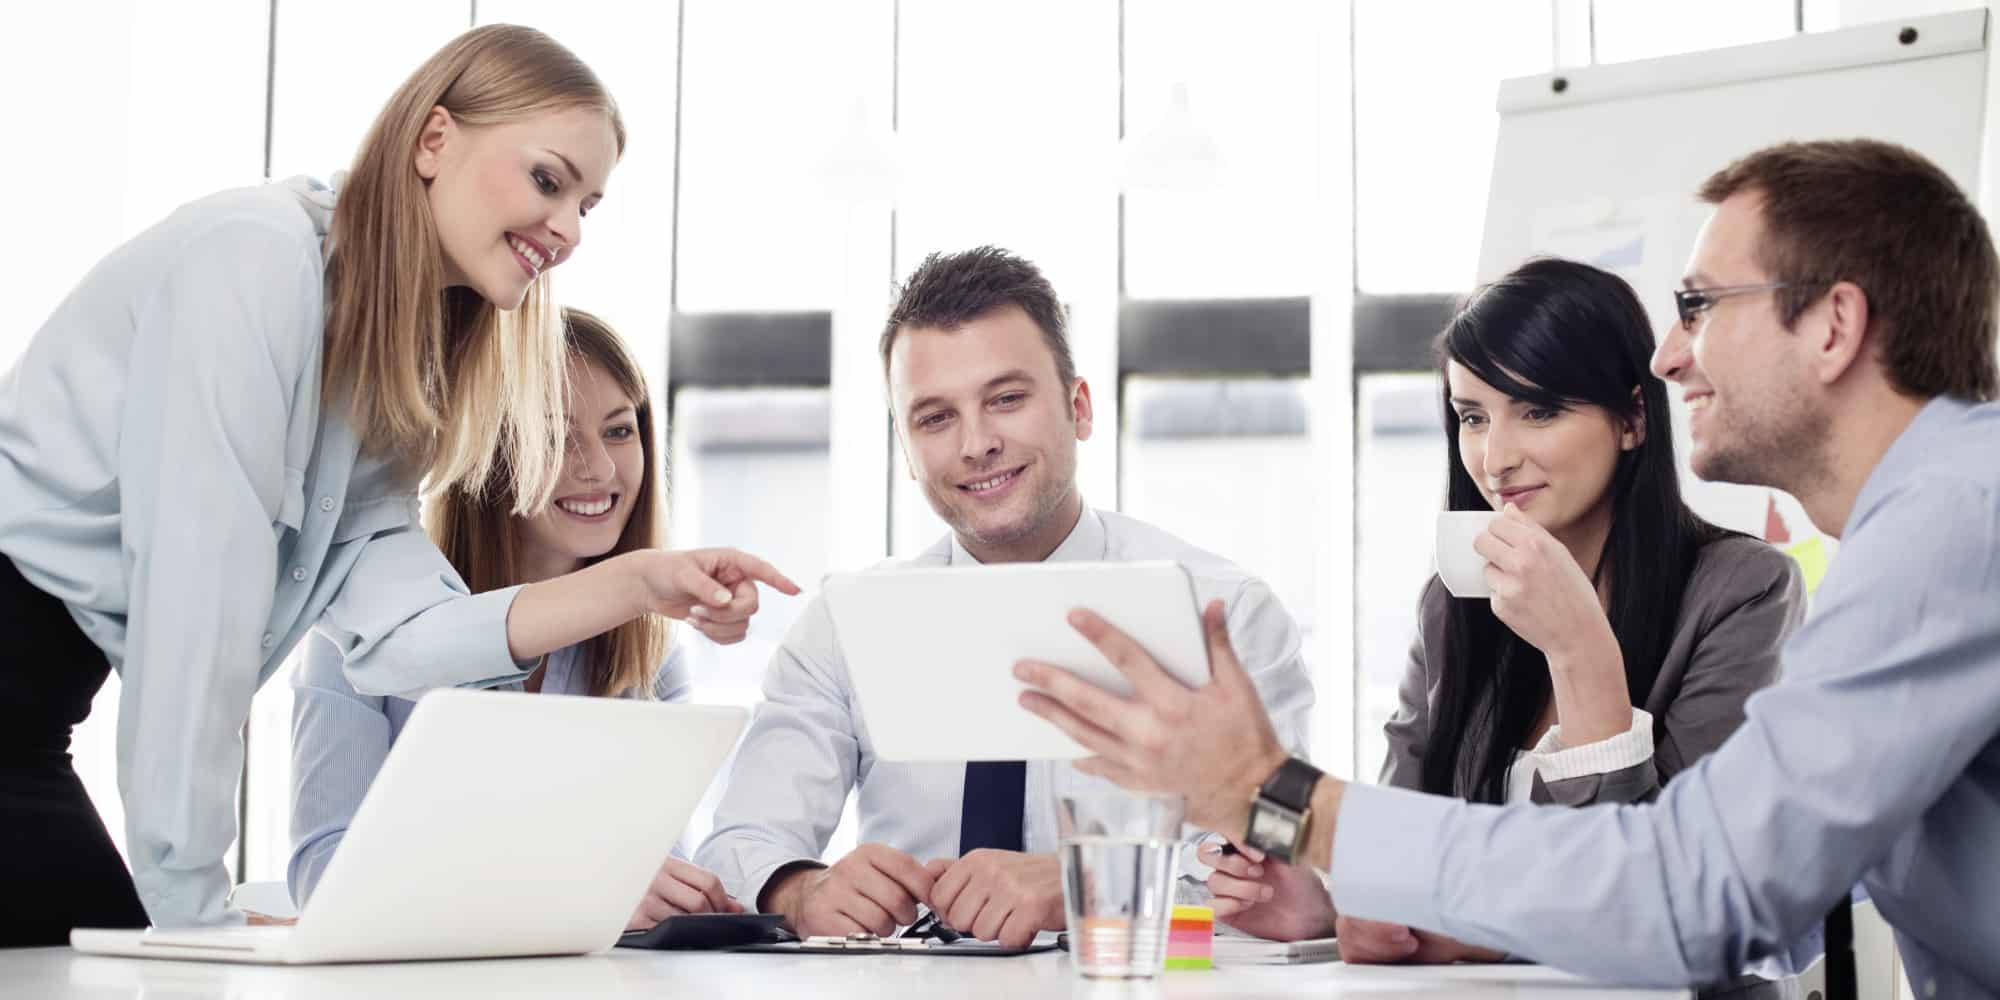 Làm việc theo nhóm, tầm ảnh hưởng